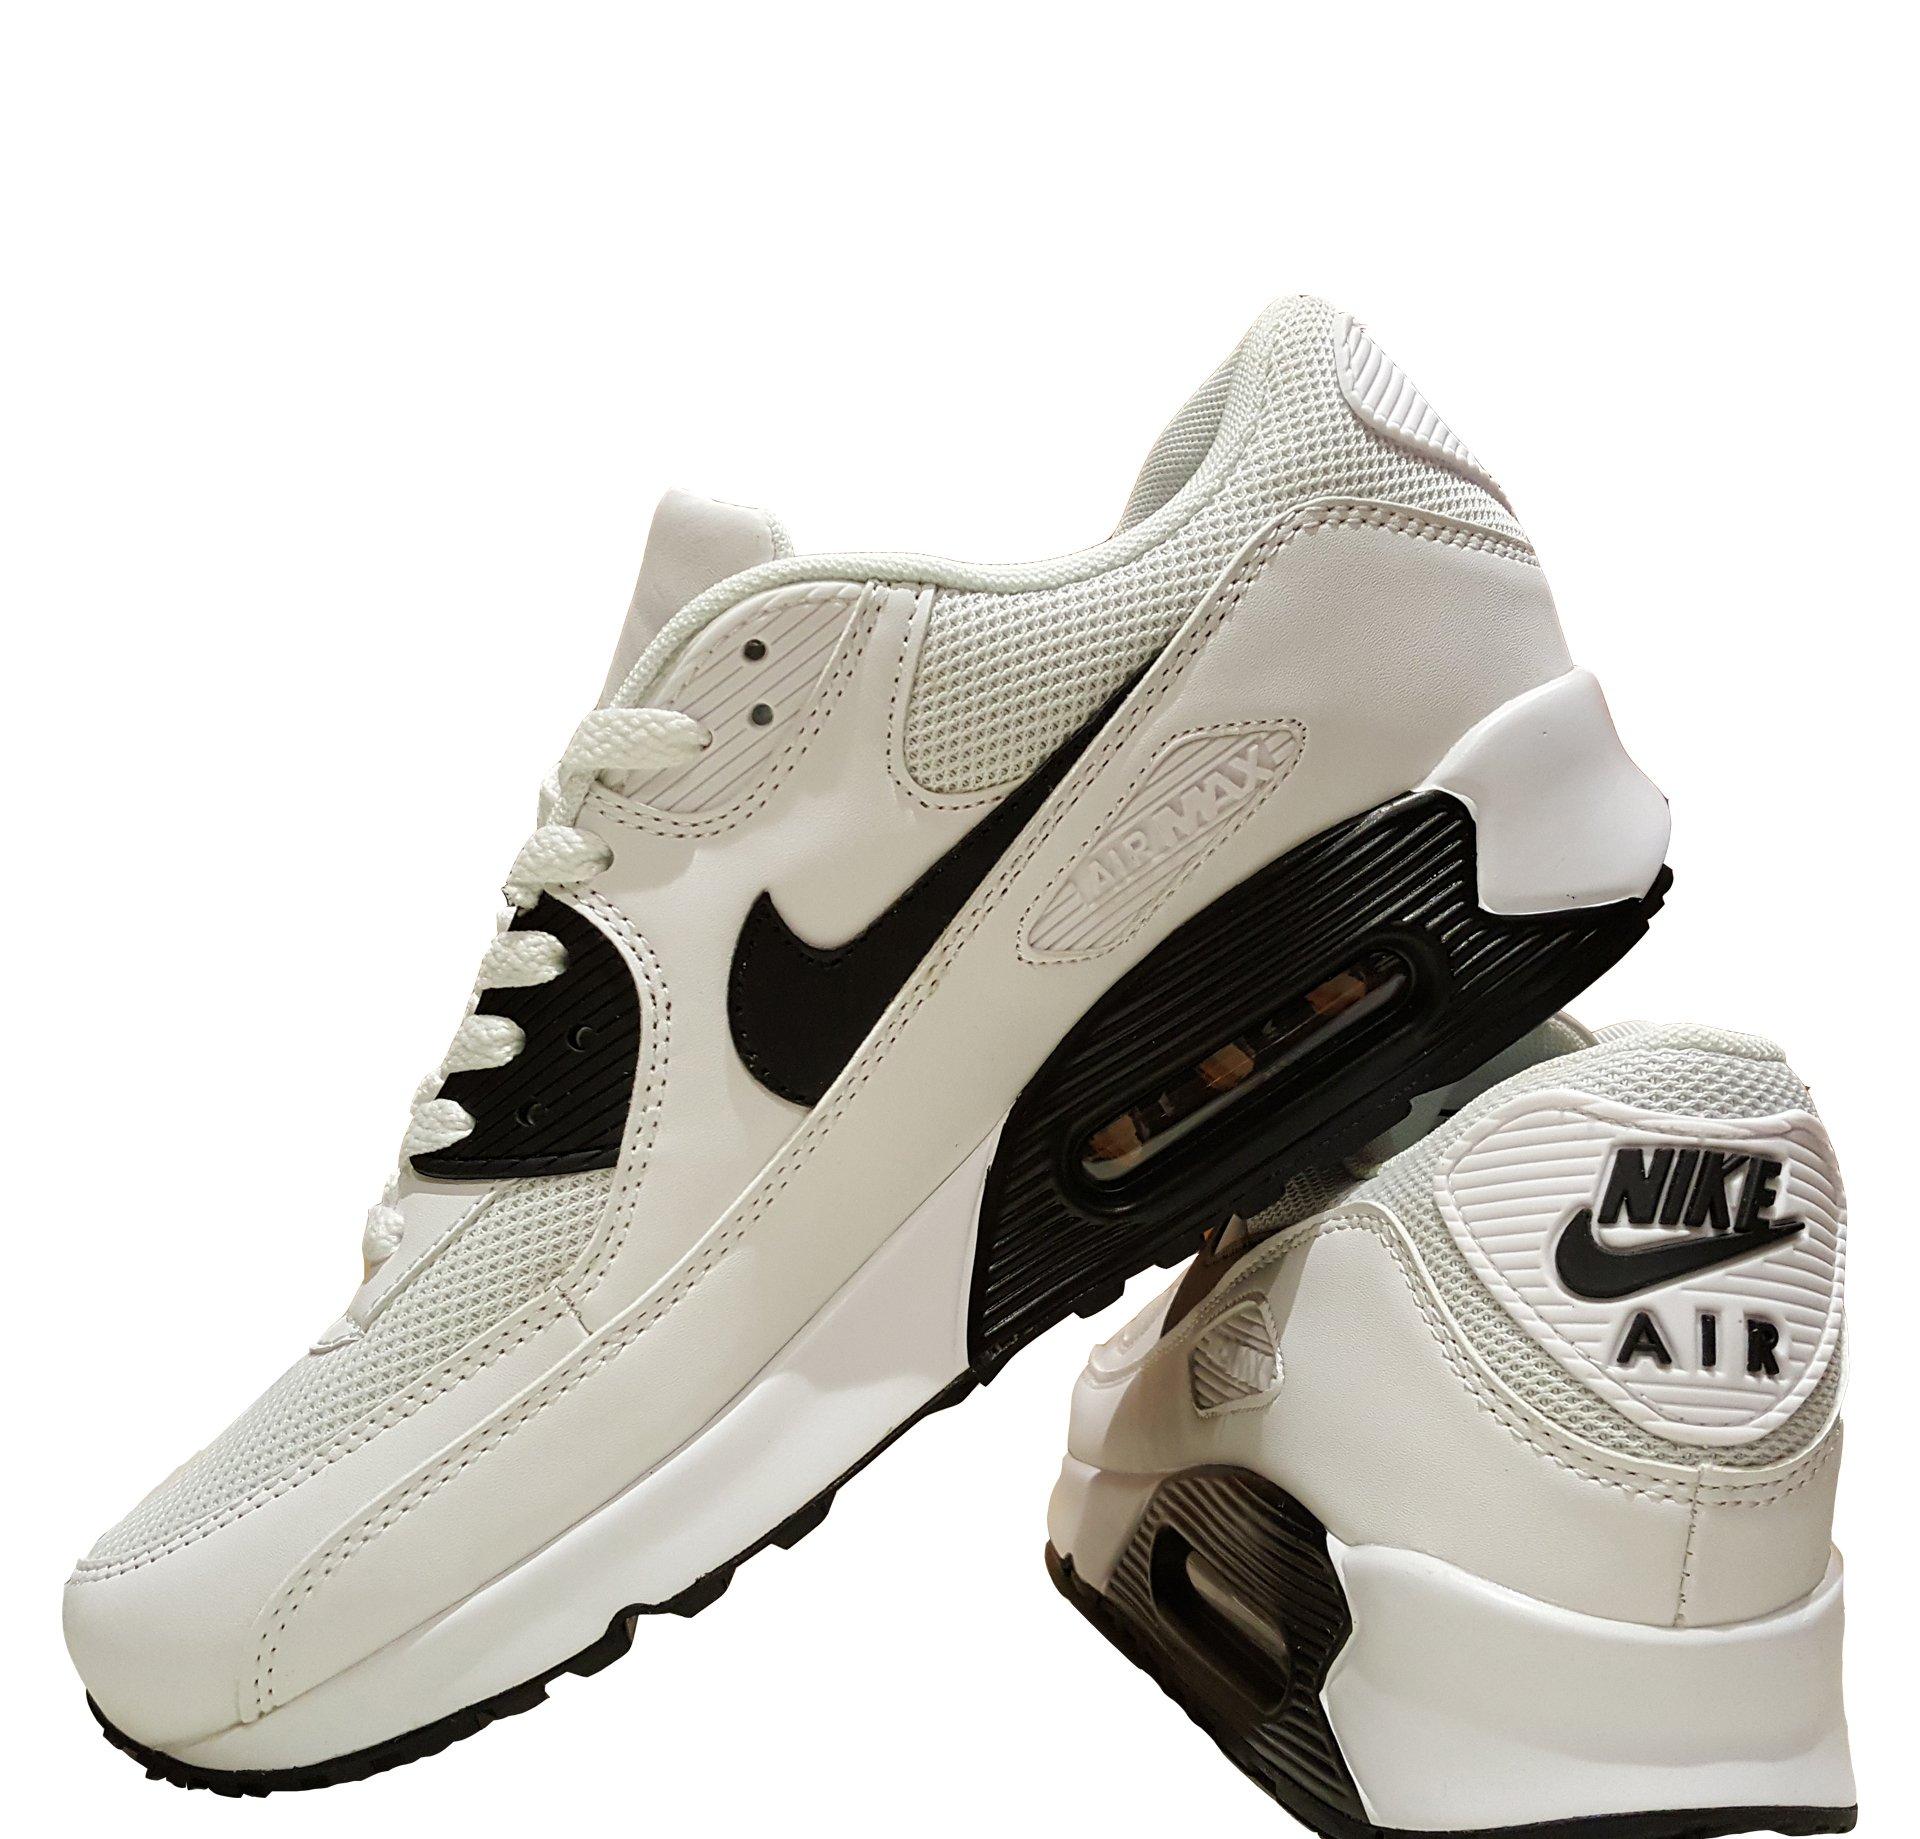 bafe69f8607174 Nike Air Max 90 /6 rozmiarów (40-45) Promocja r 45 - 7081687749 ...